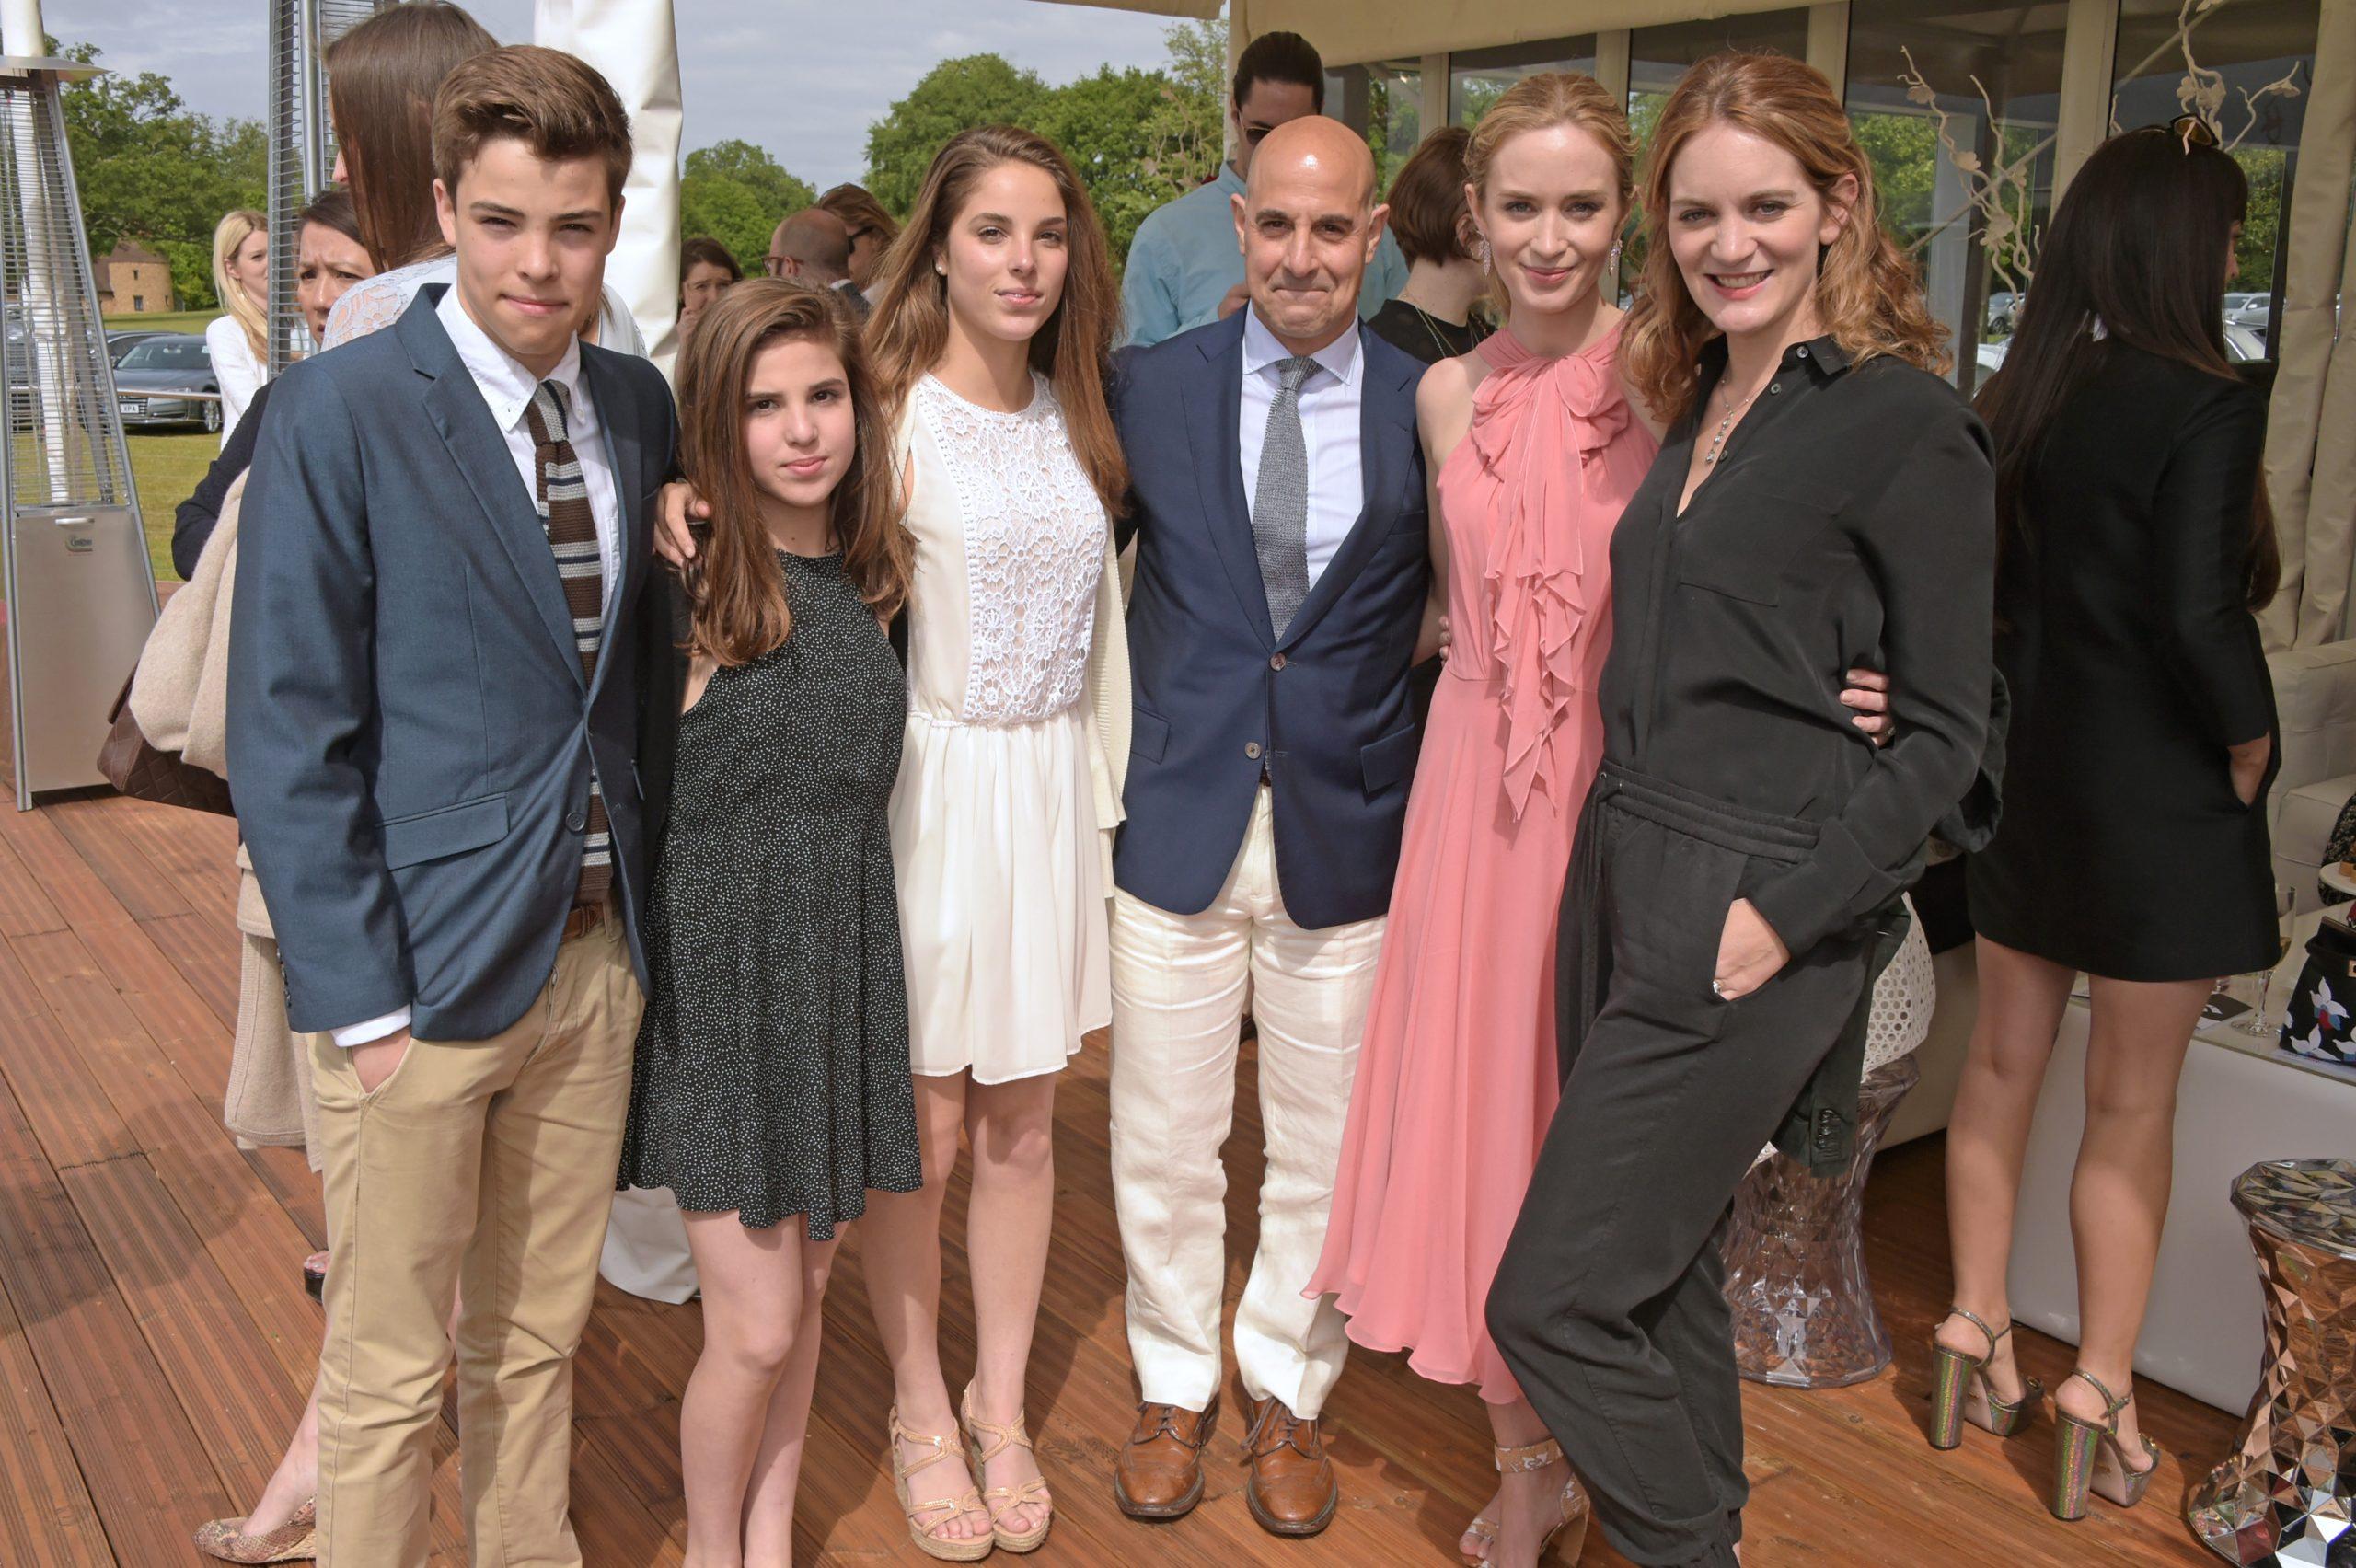 Stanley Tucci avec ses enfants Nicolo Tucci, Camilla Tucci, Isabel Tucci, posant avec sa femme Felicity Blunt et sa sœur Emily Blunt.